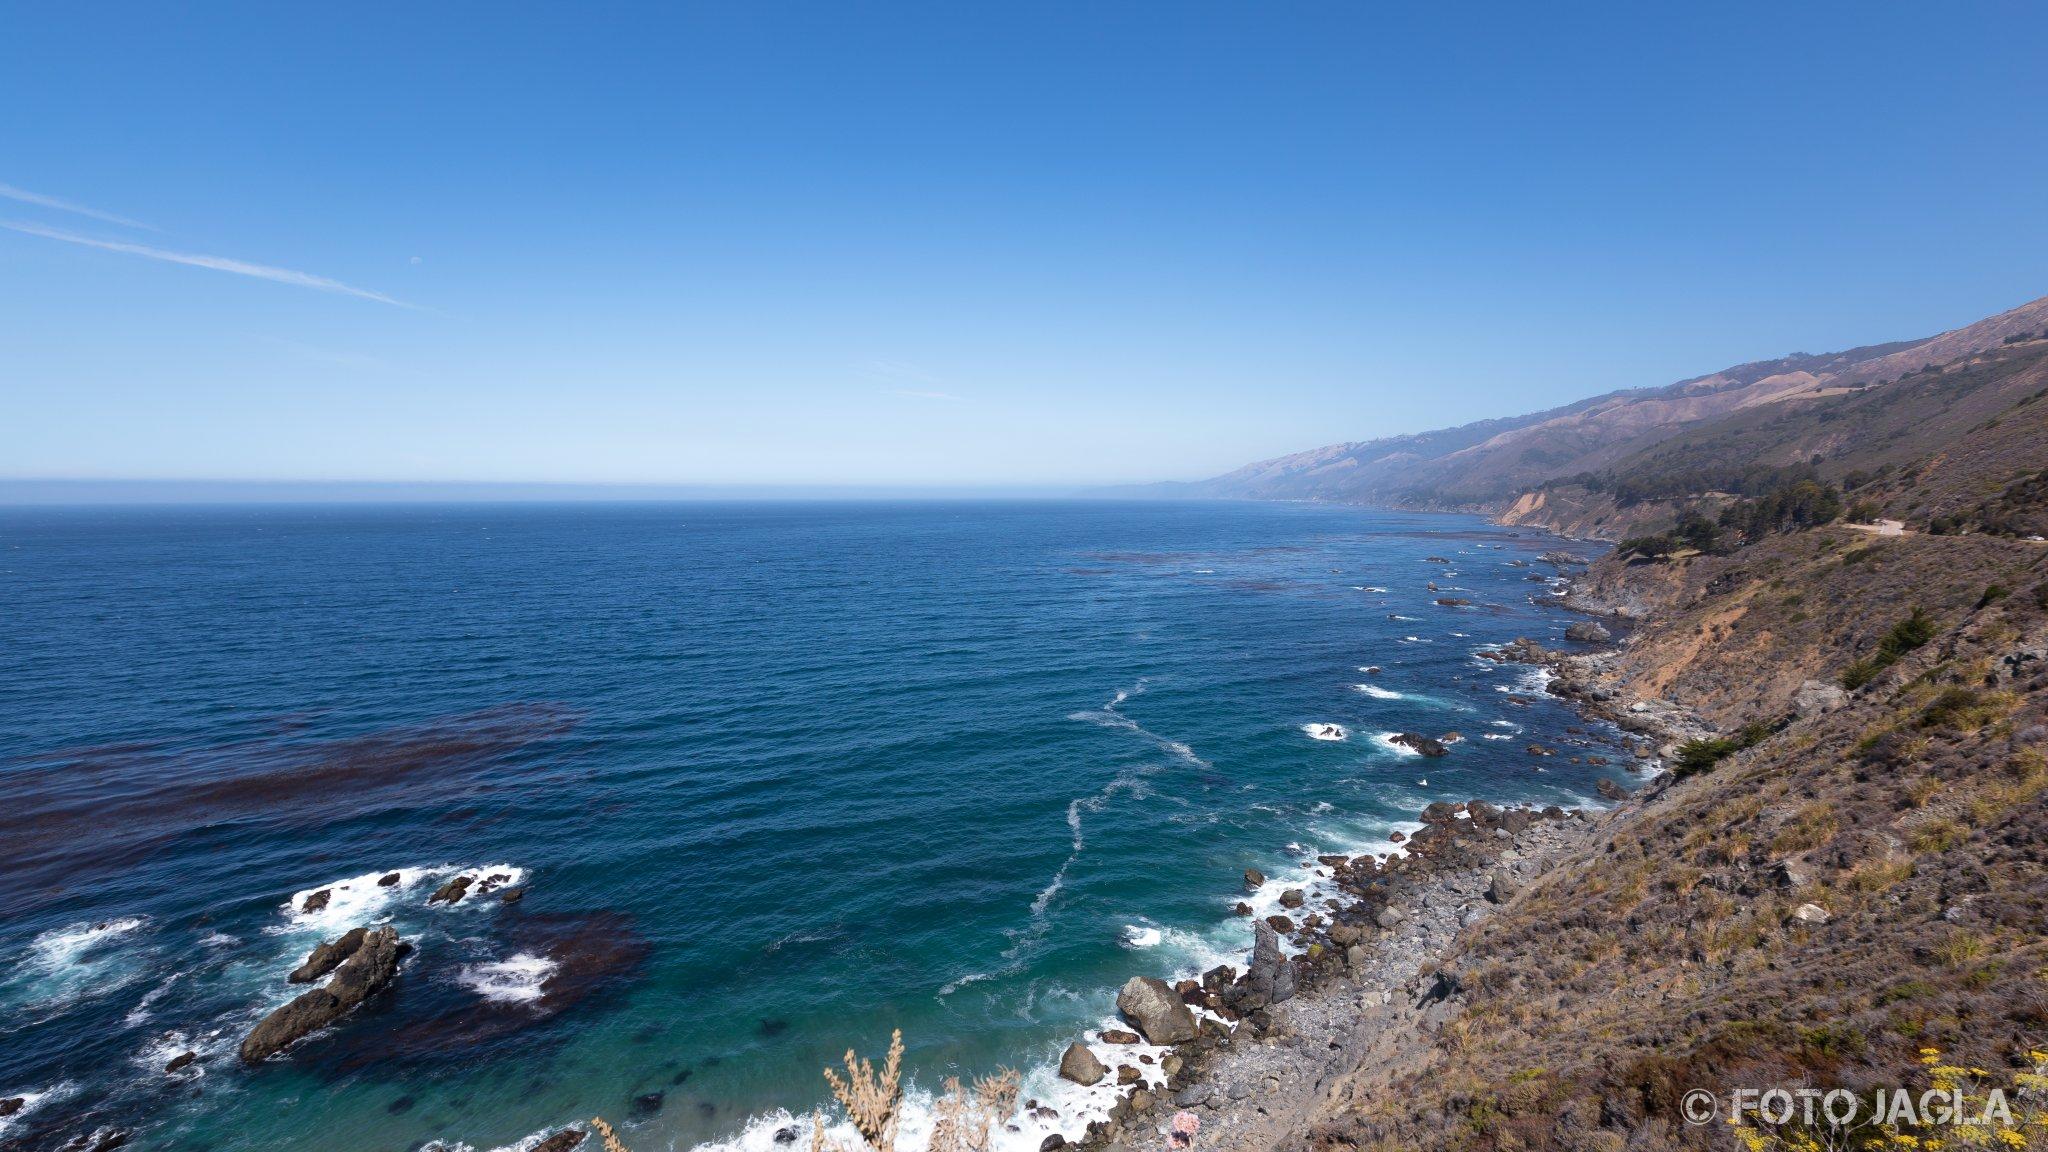 Kalifornien - September 2018 Blick über die felsige Küste Highway 1 - Cabrillo Hwy